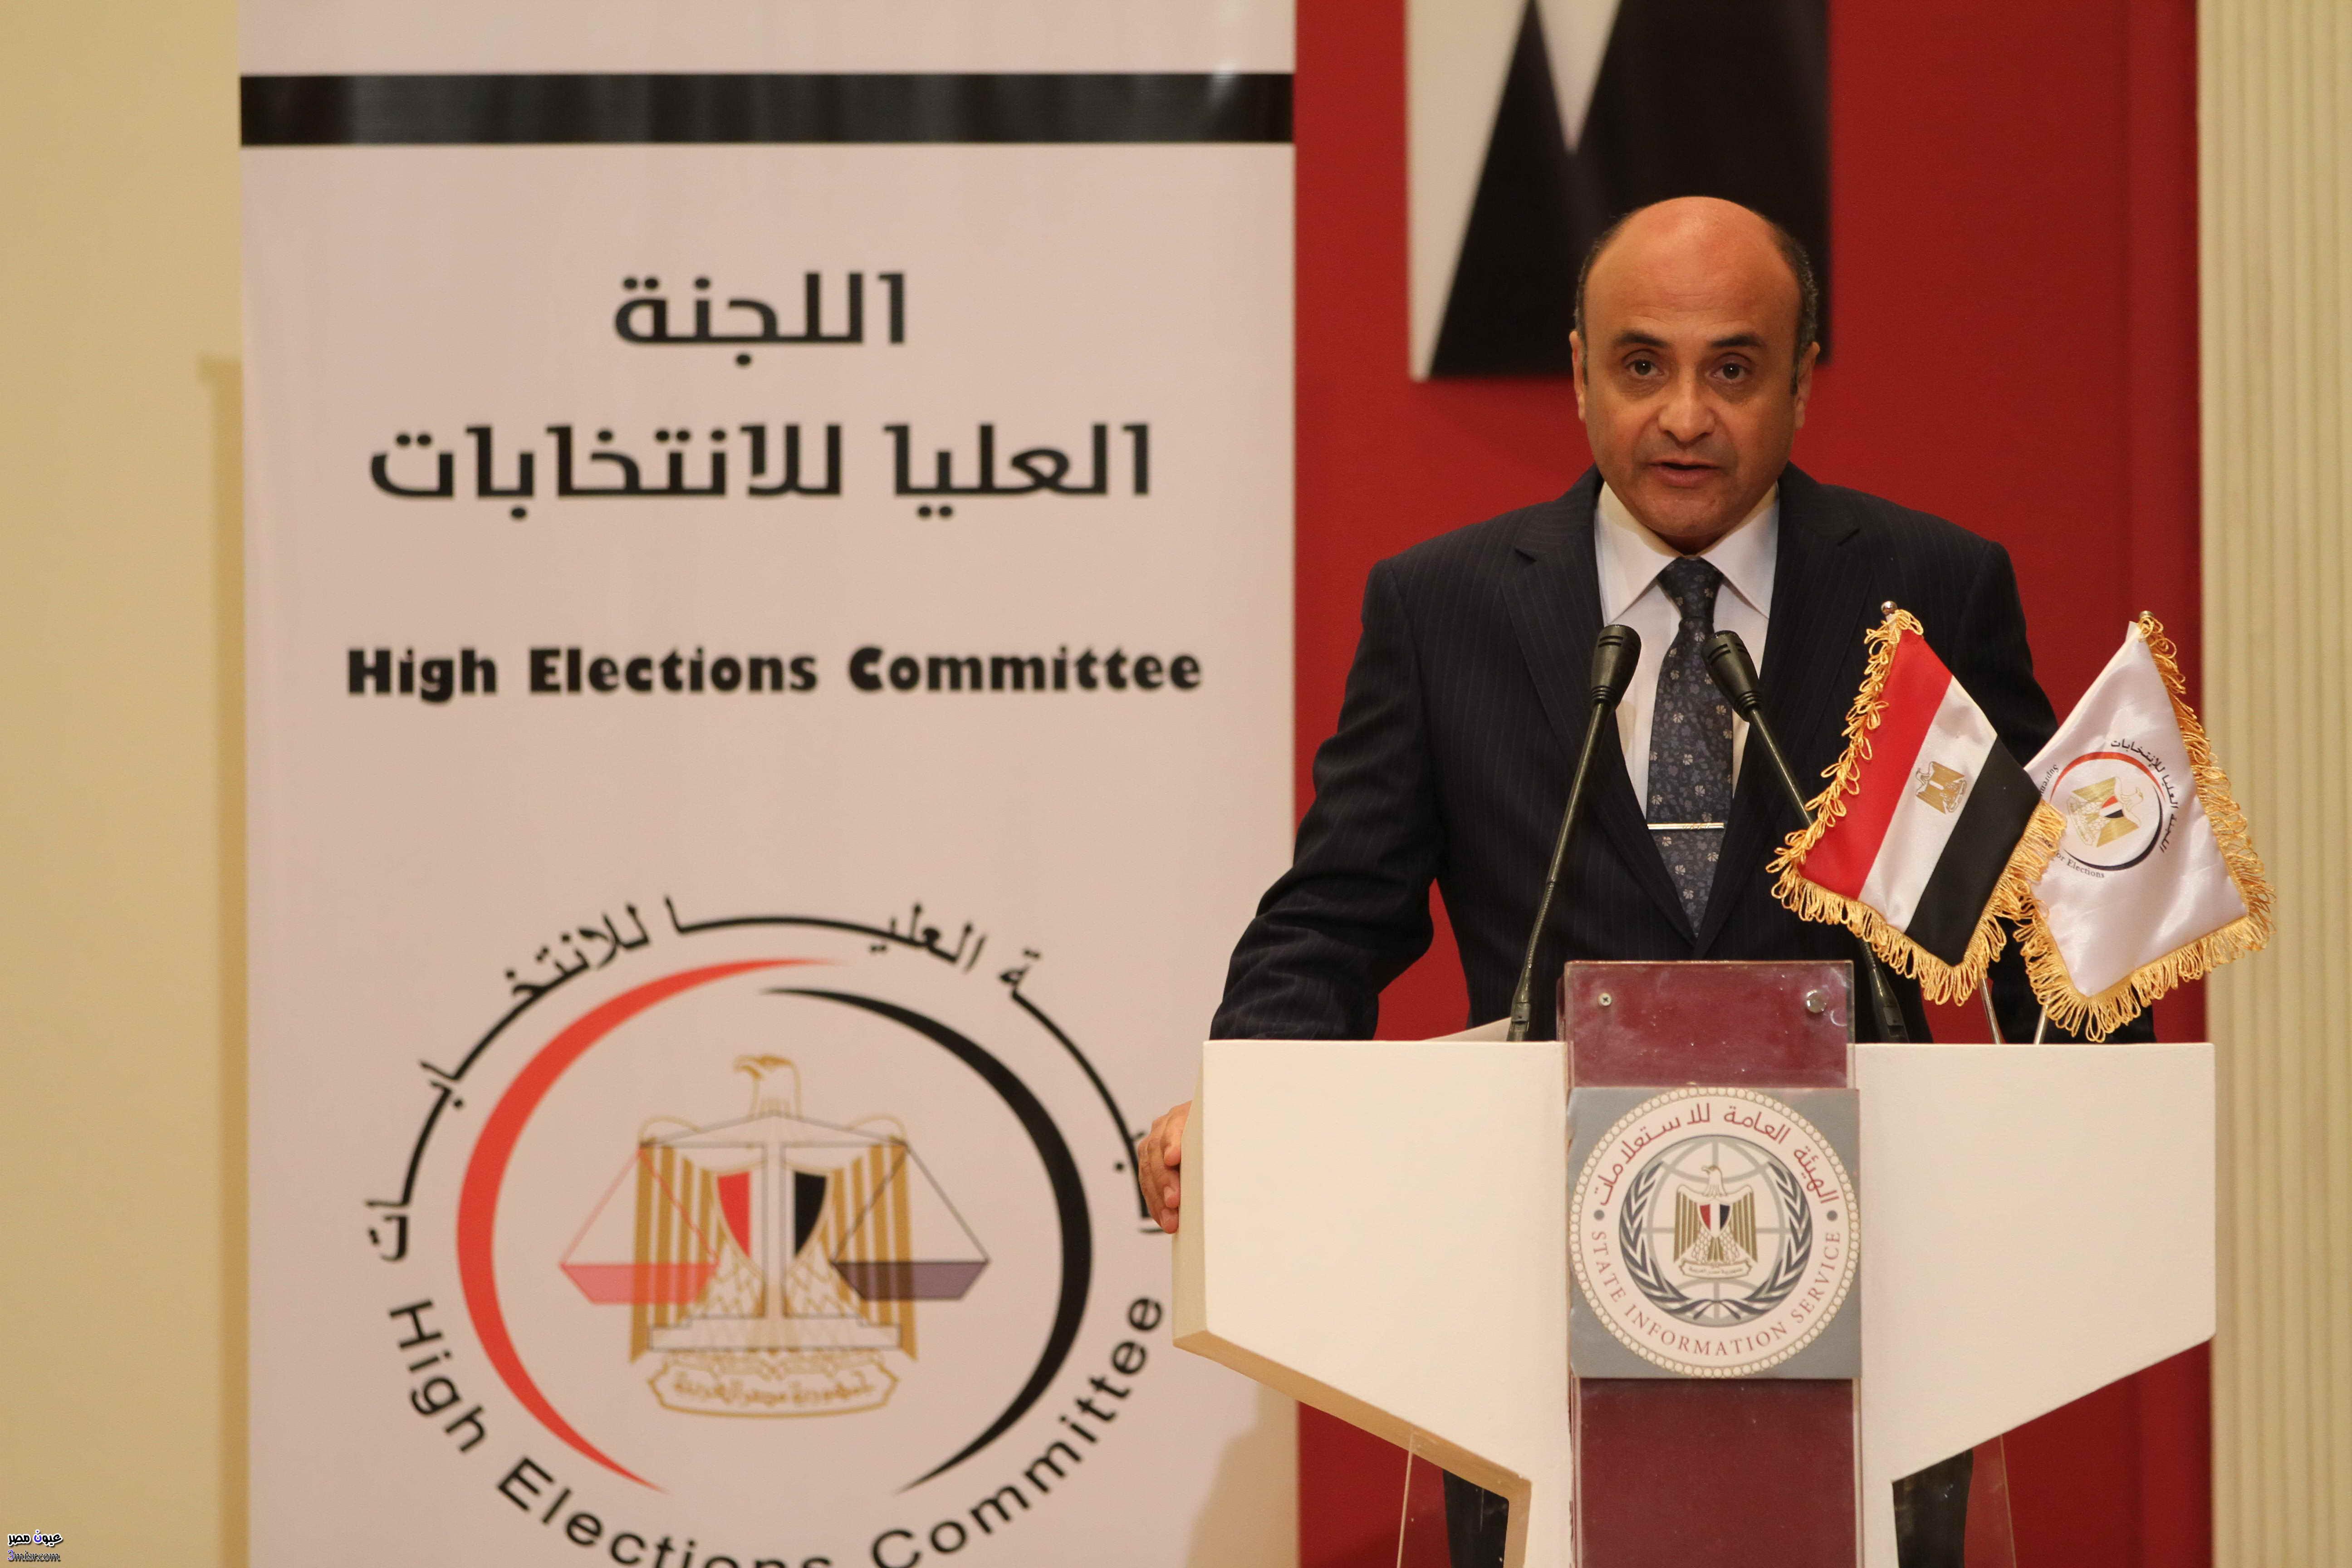 اللجنة العليا للانتخابات البرلمانية المرحلة الثانية 2015